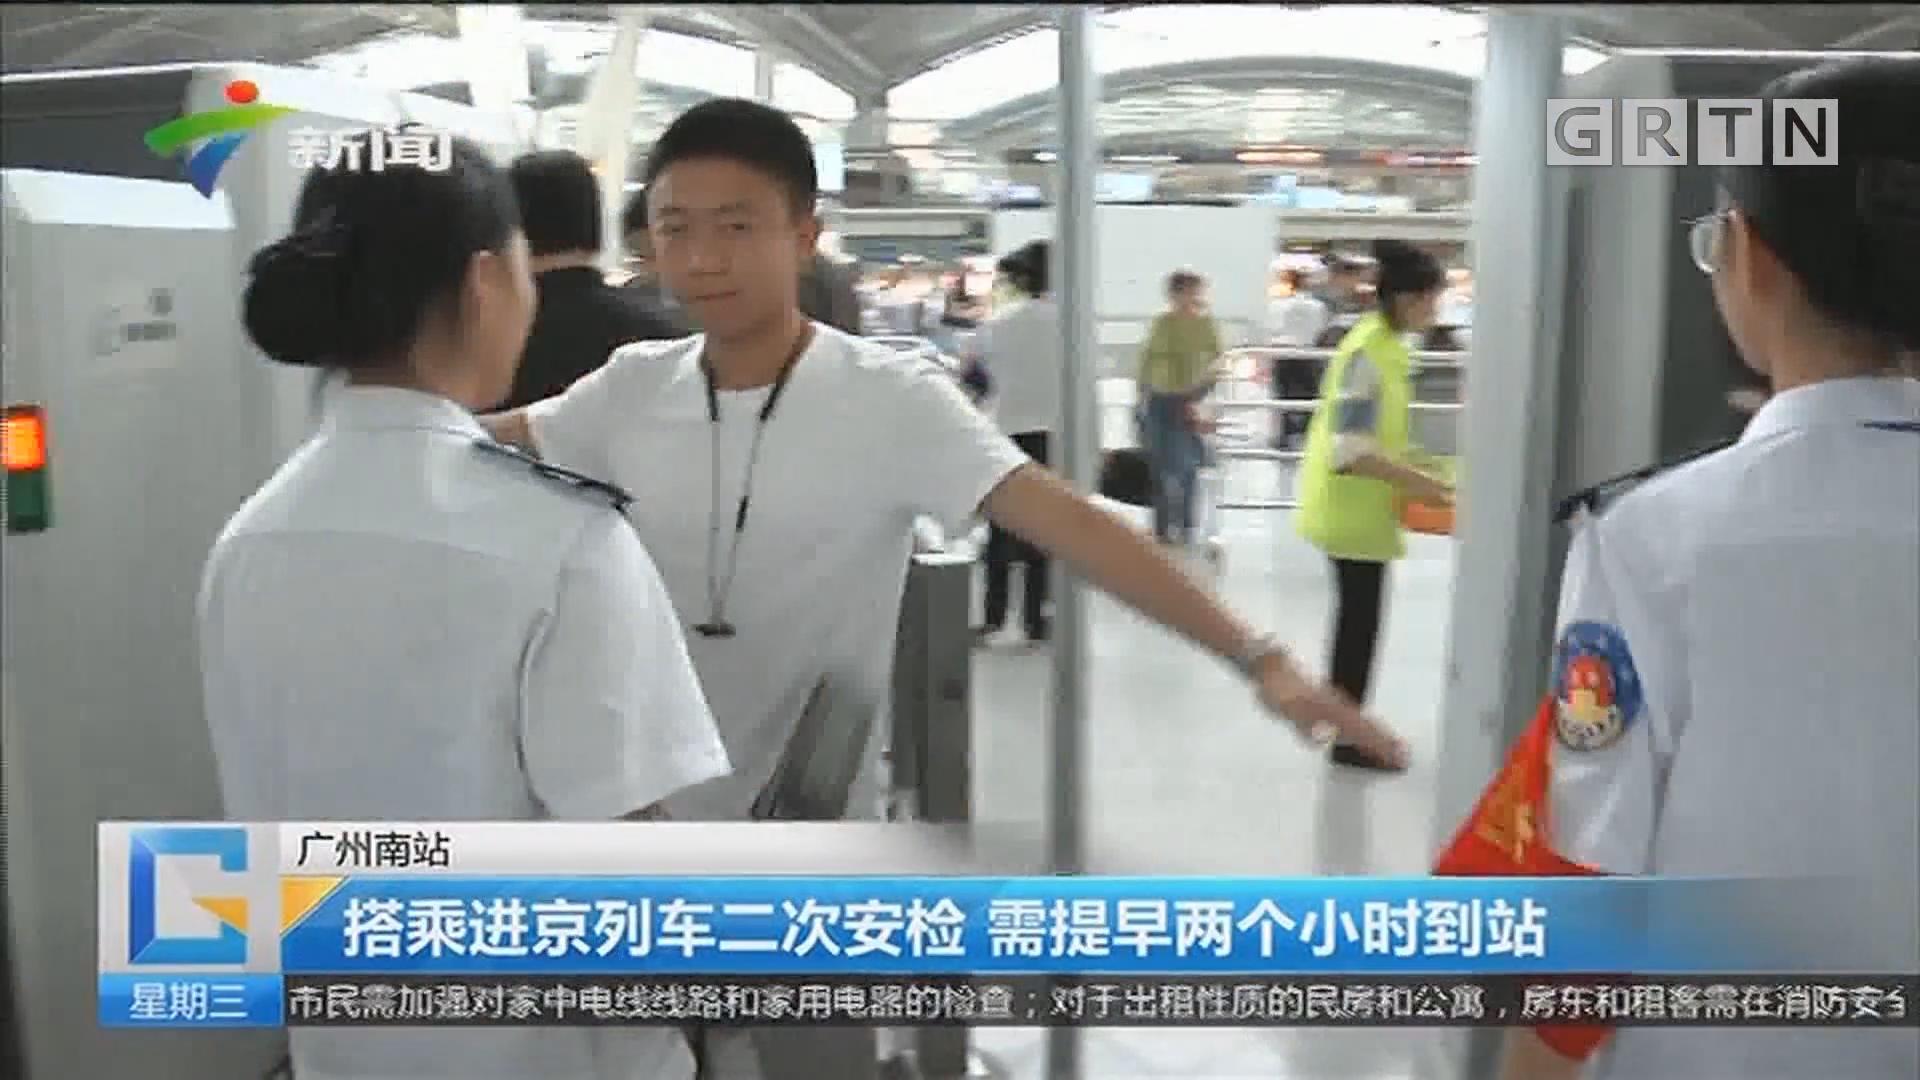 广州南站:搭乘进京列车二次安检 需提早两个小时到站